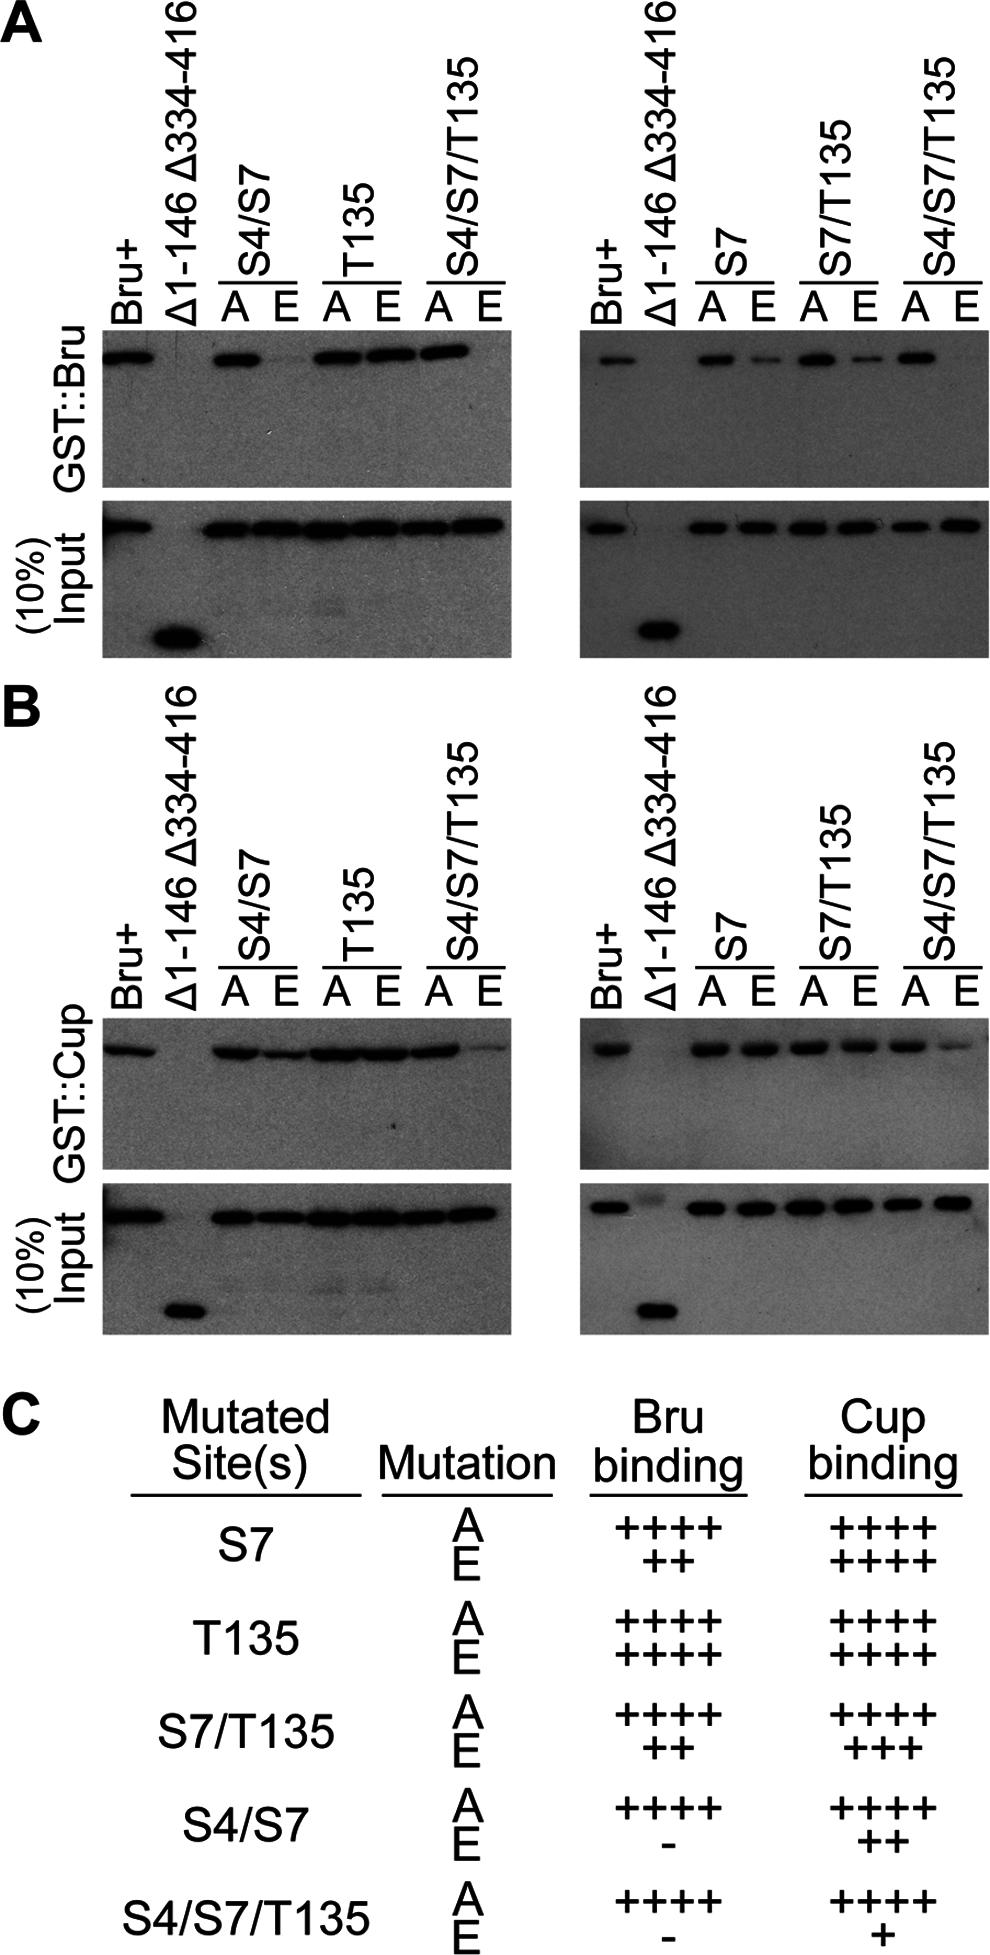 Bru phosphomimetic mutations additively impair both Bru-Cup and Bru-Bru interactions.